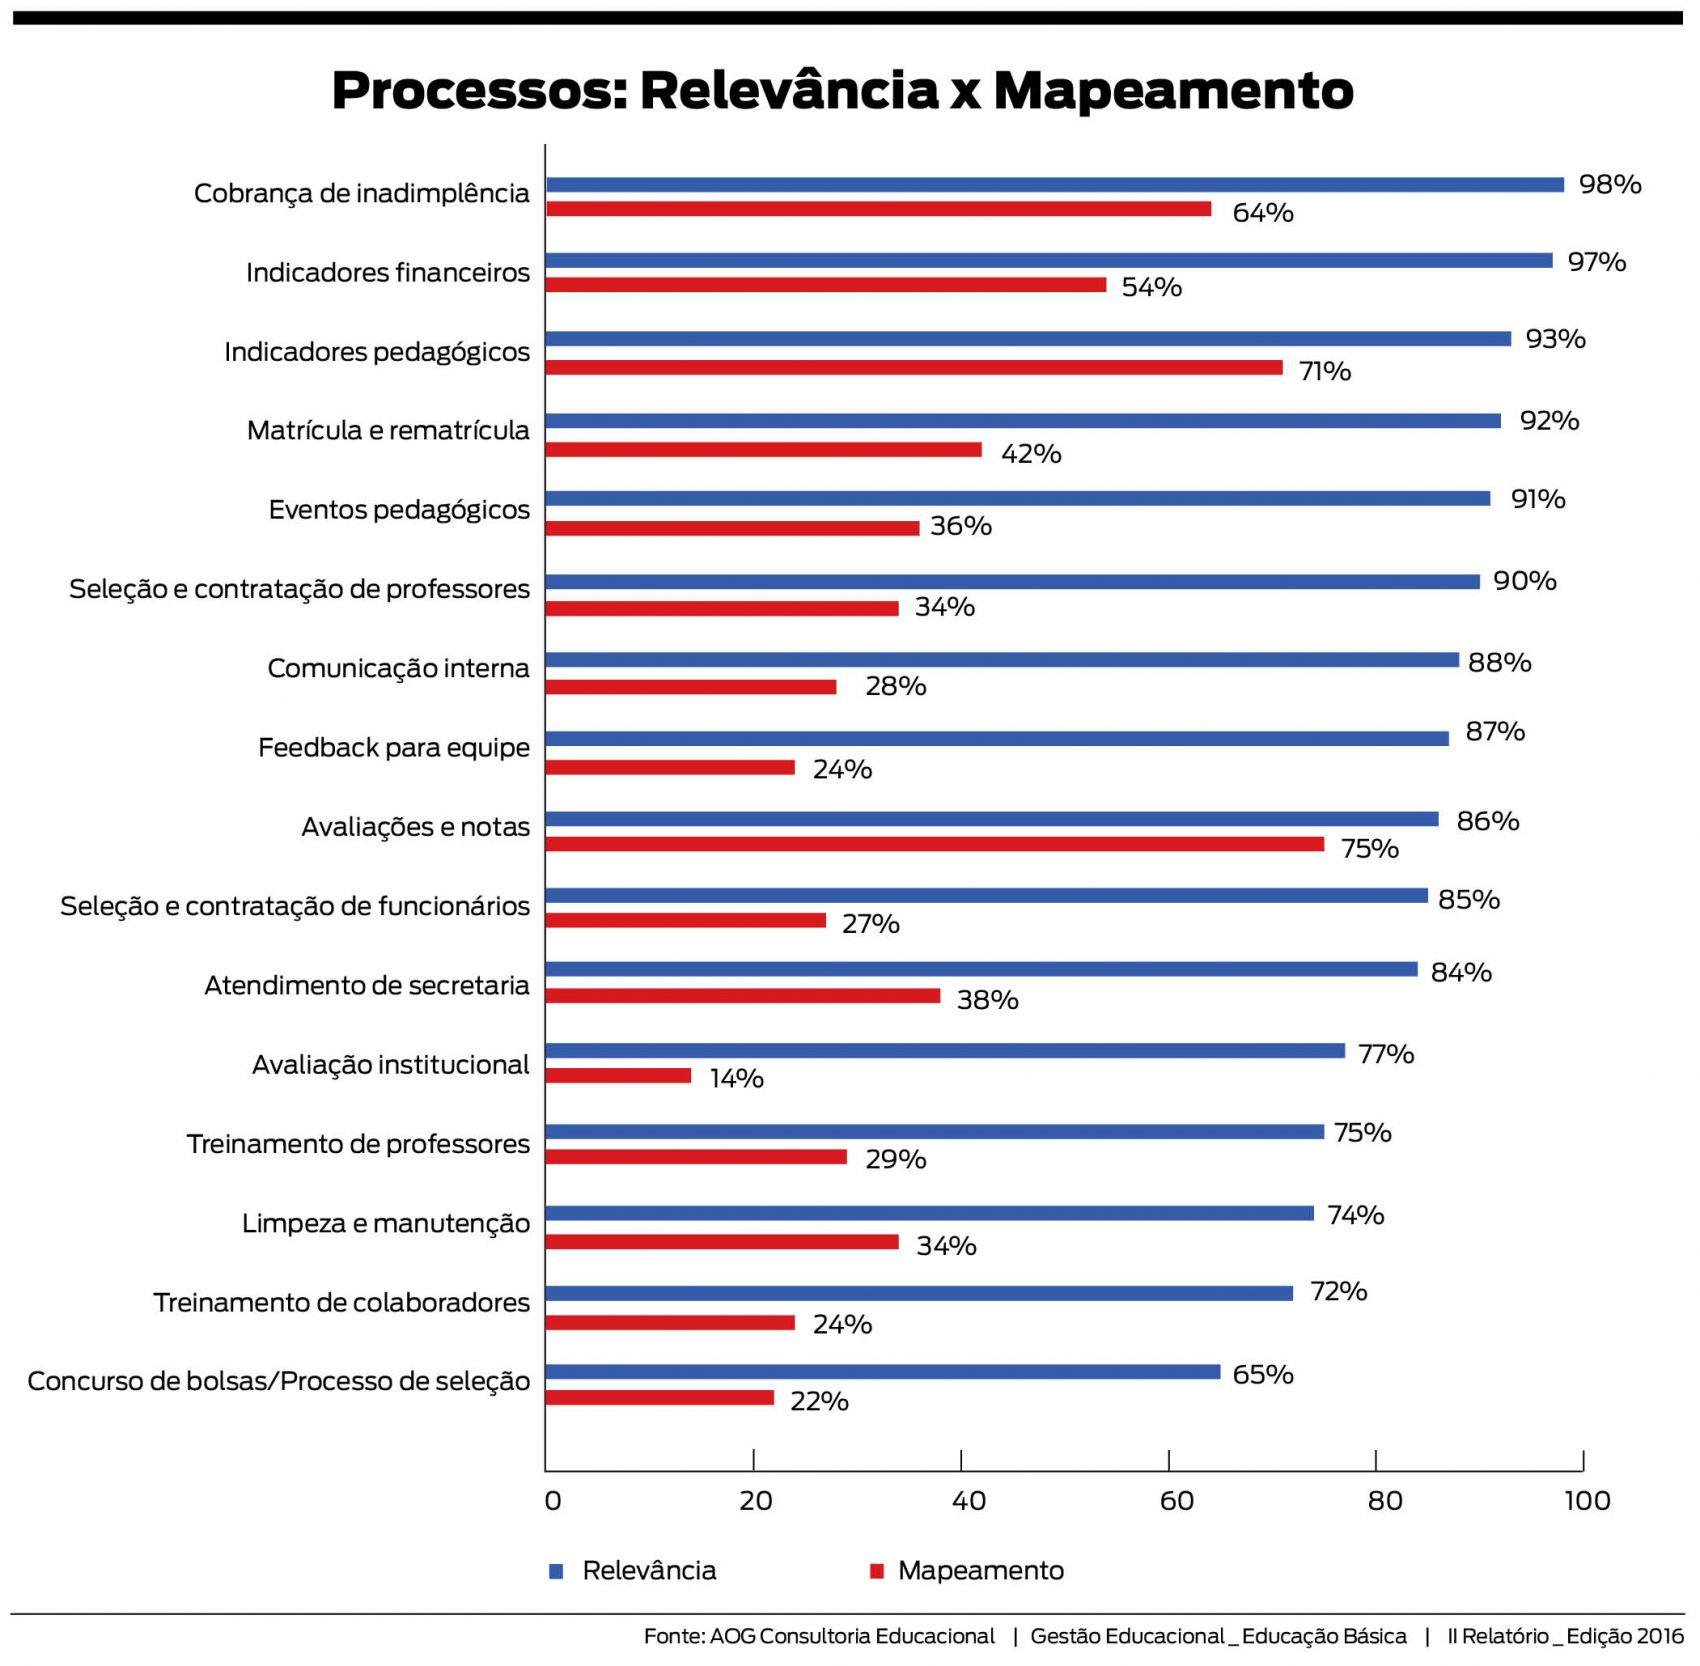 Relevancia dos processos na gestão educacional